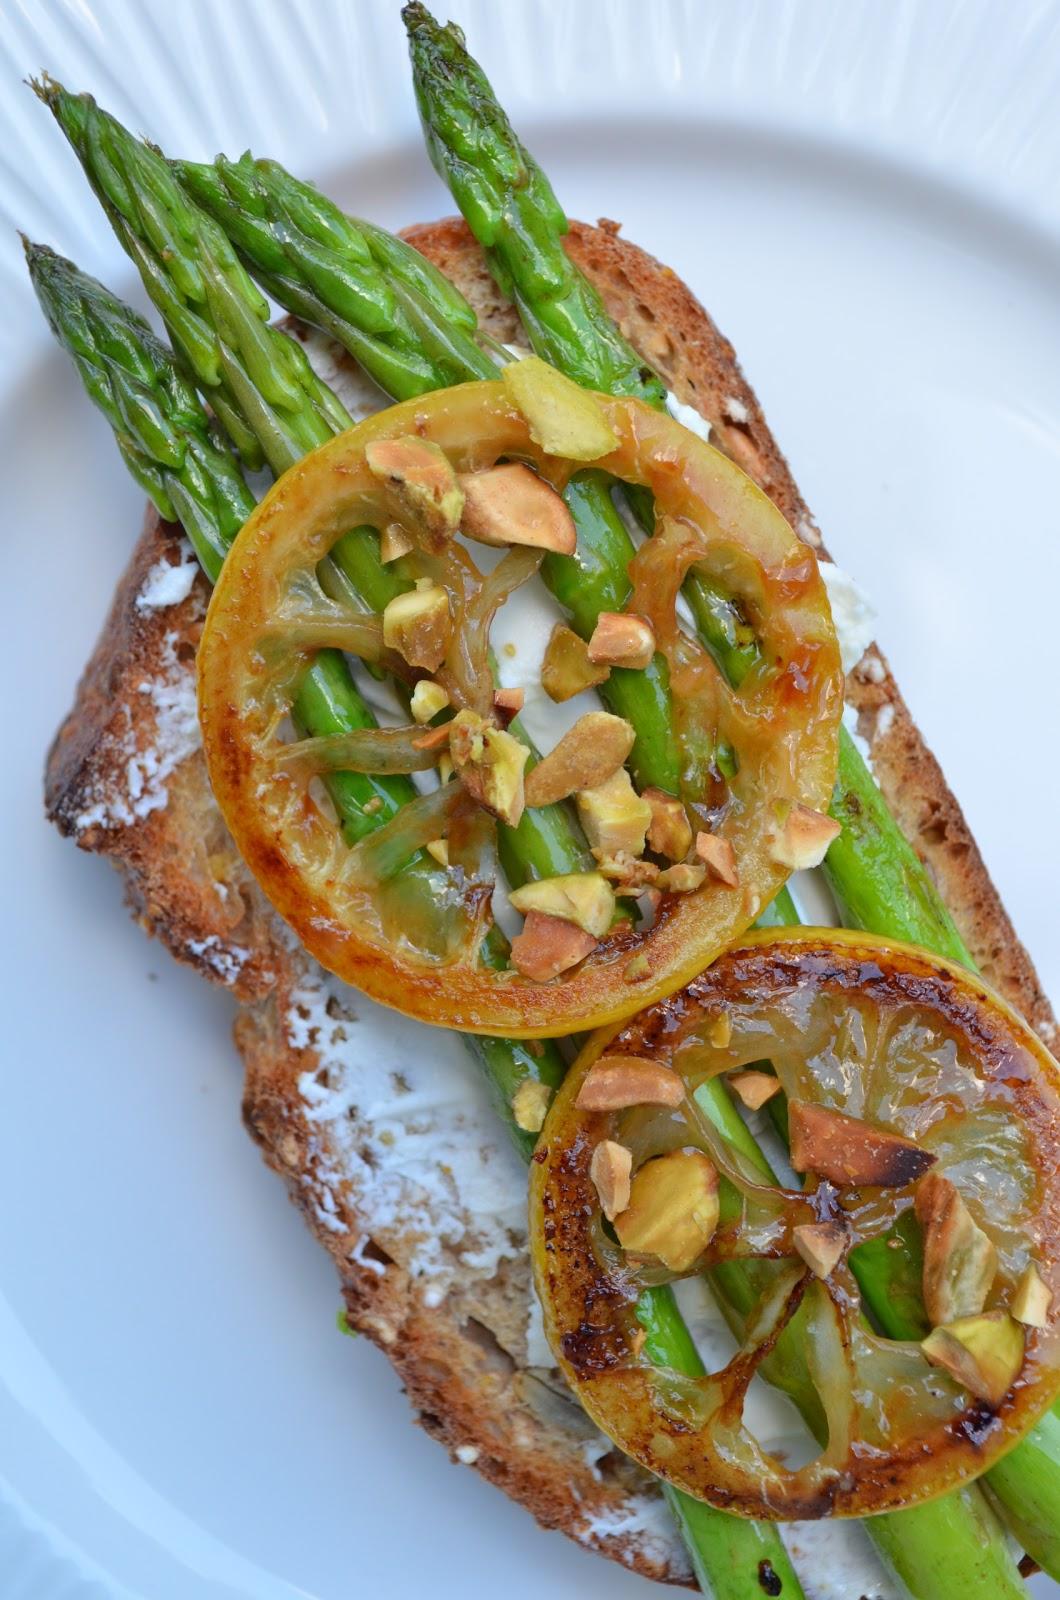 ... asparagus tartines recipe avocado asparagus tartine avocado asparagus